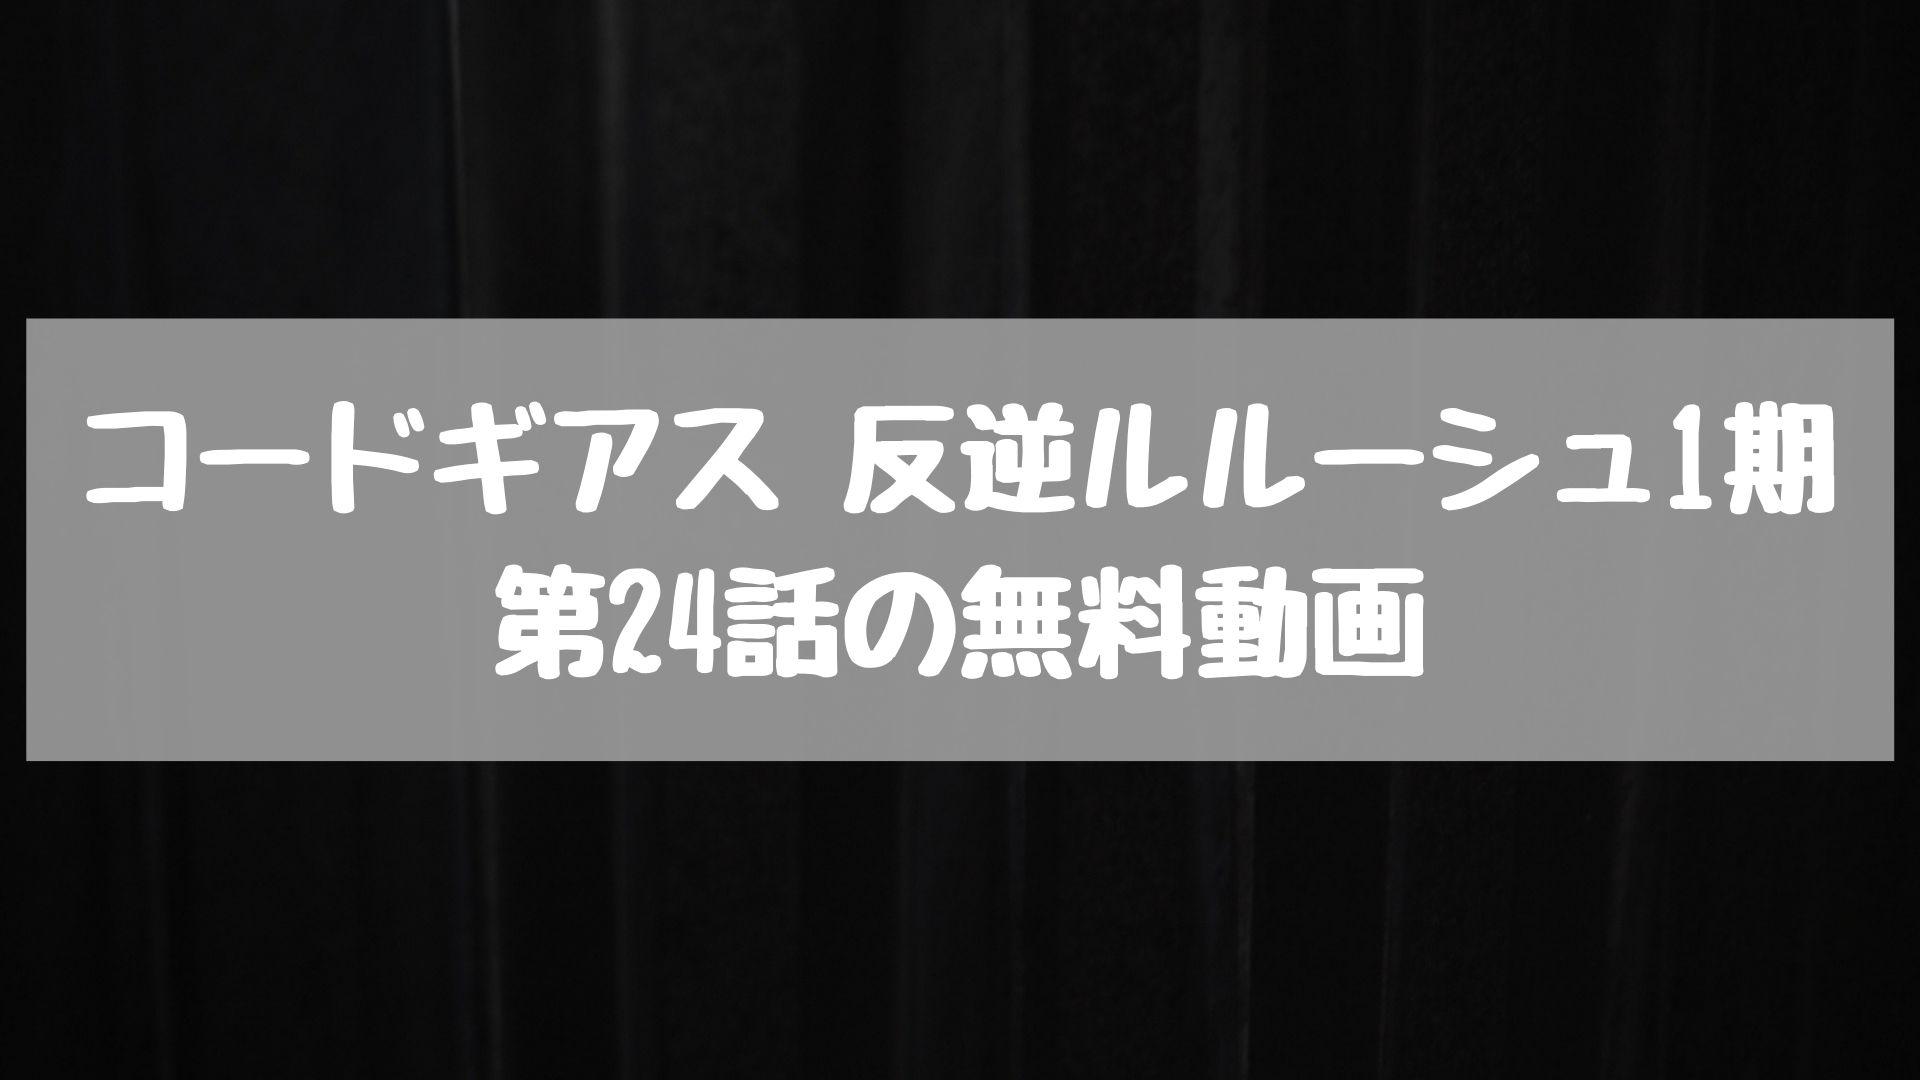 コードギアス 反逆ルルーシュ1期 第24話の無料動画